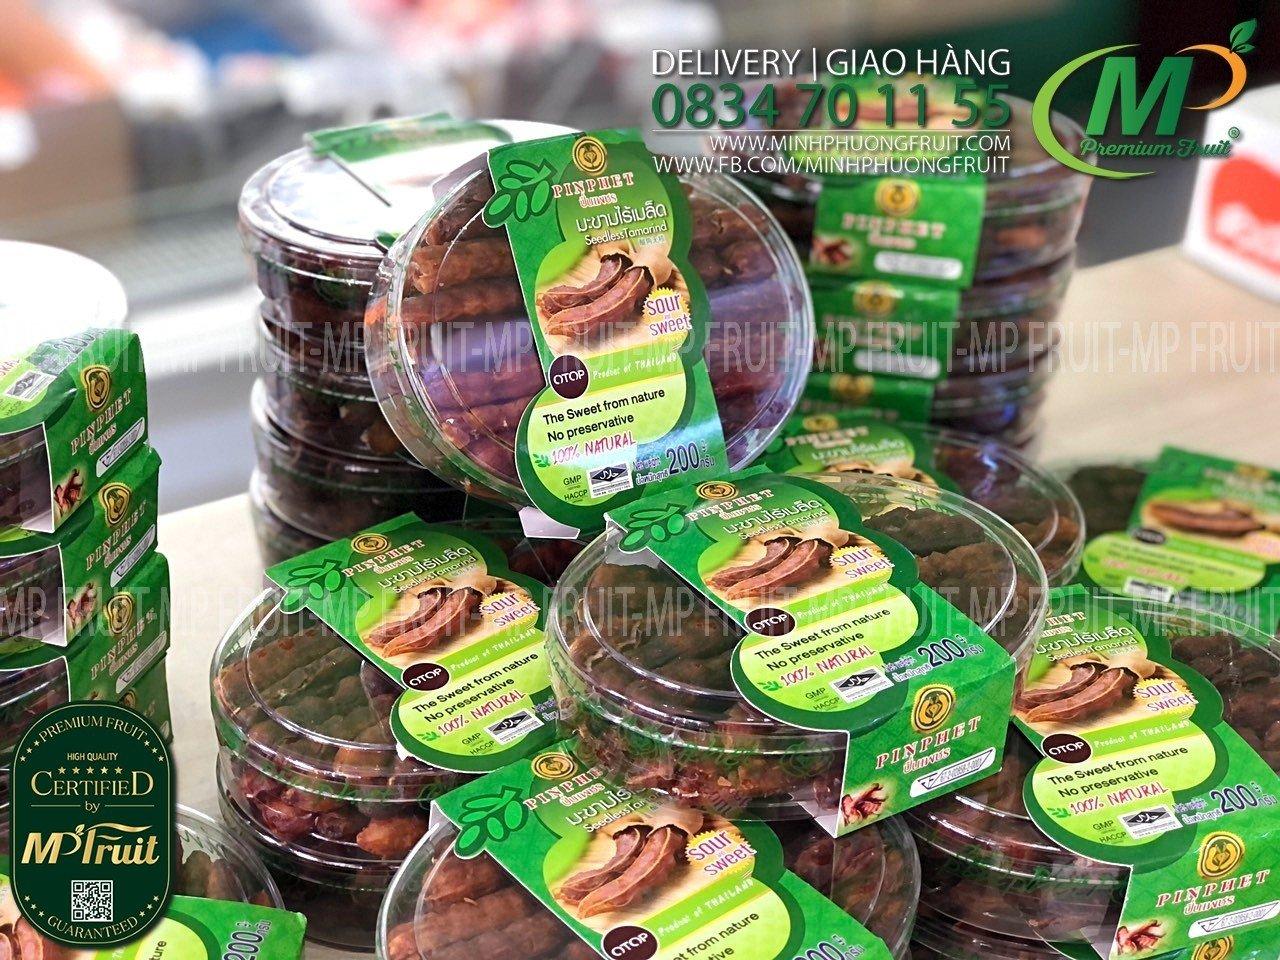 Me Thái Tách Hạt Hộp 200g tại MP Fruits